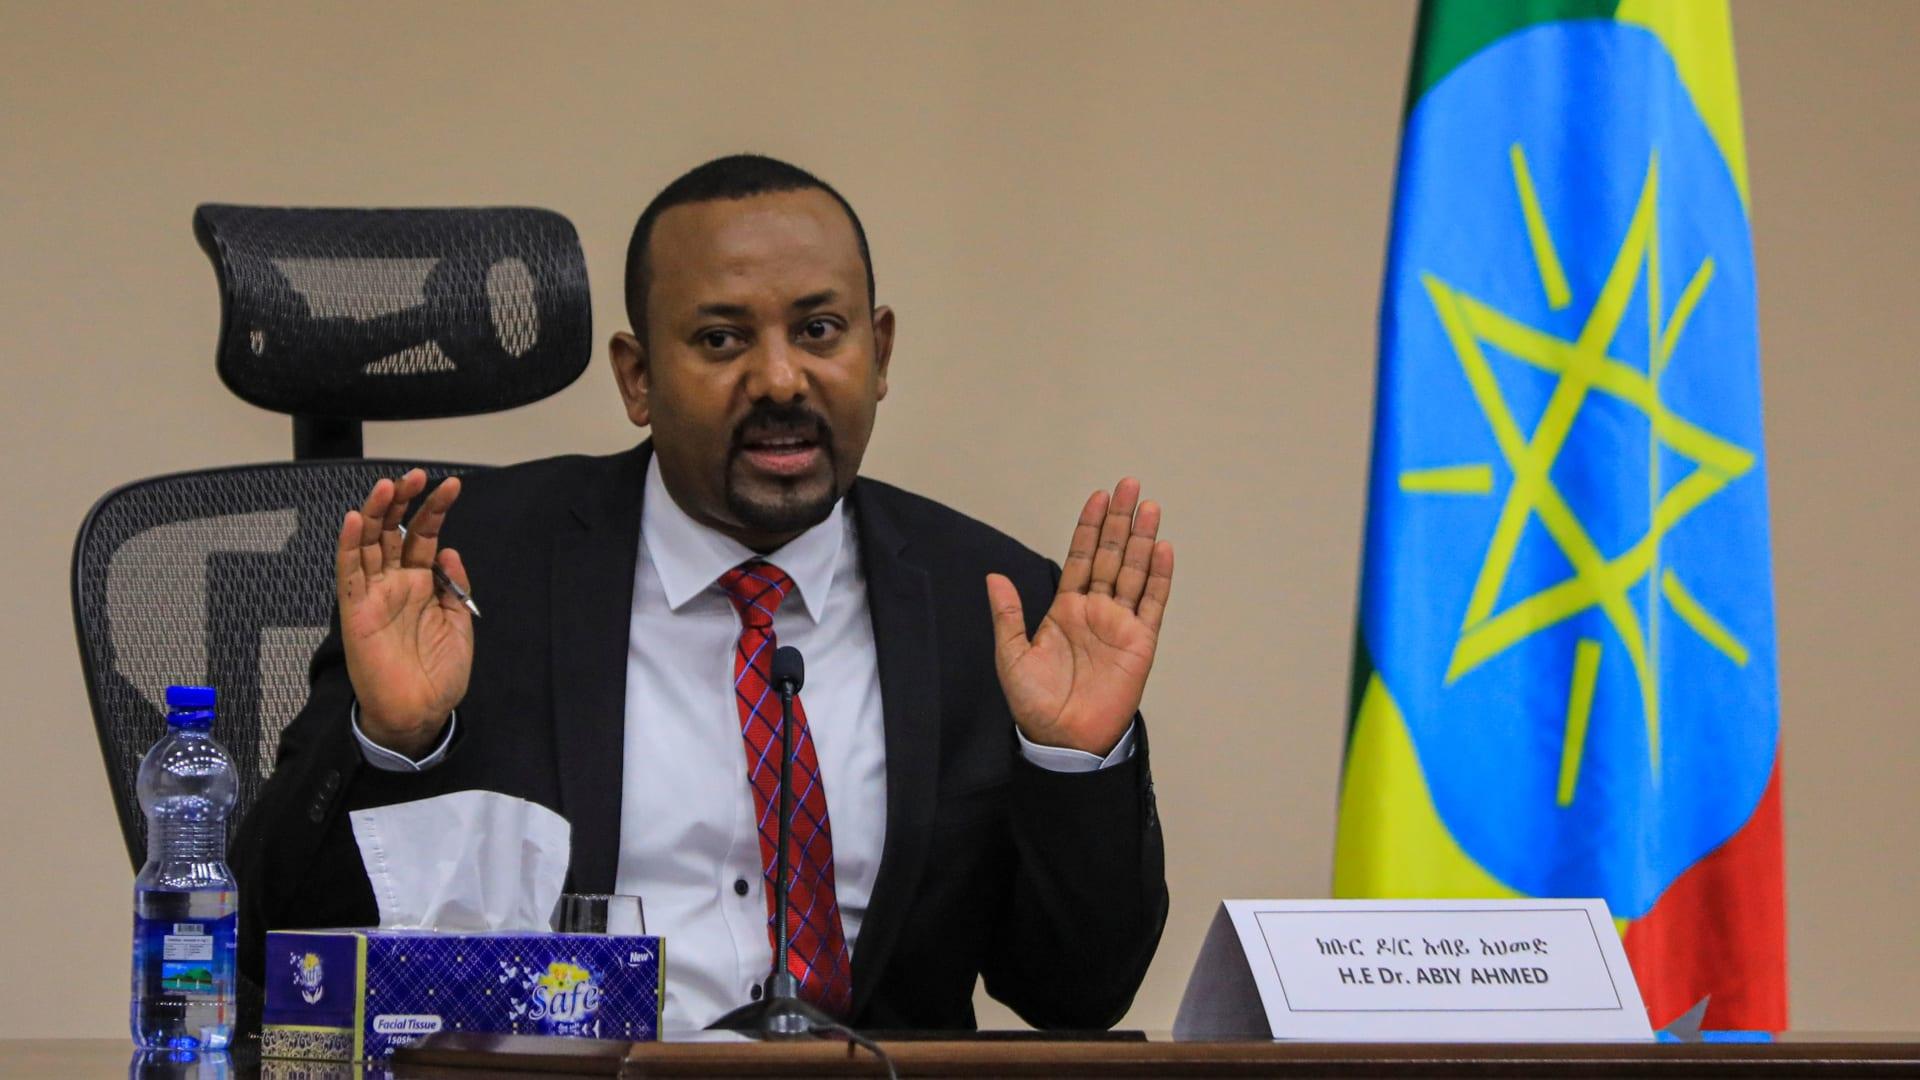 رئيس الوزراء الإثيوبي أبي أحمد علي